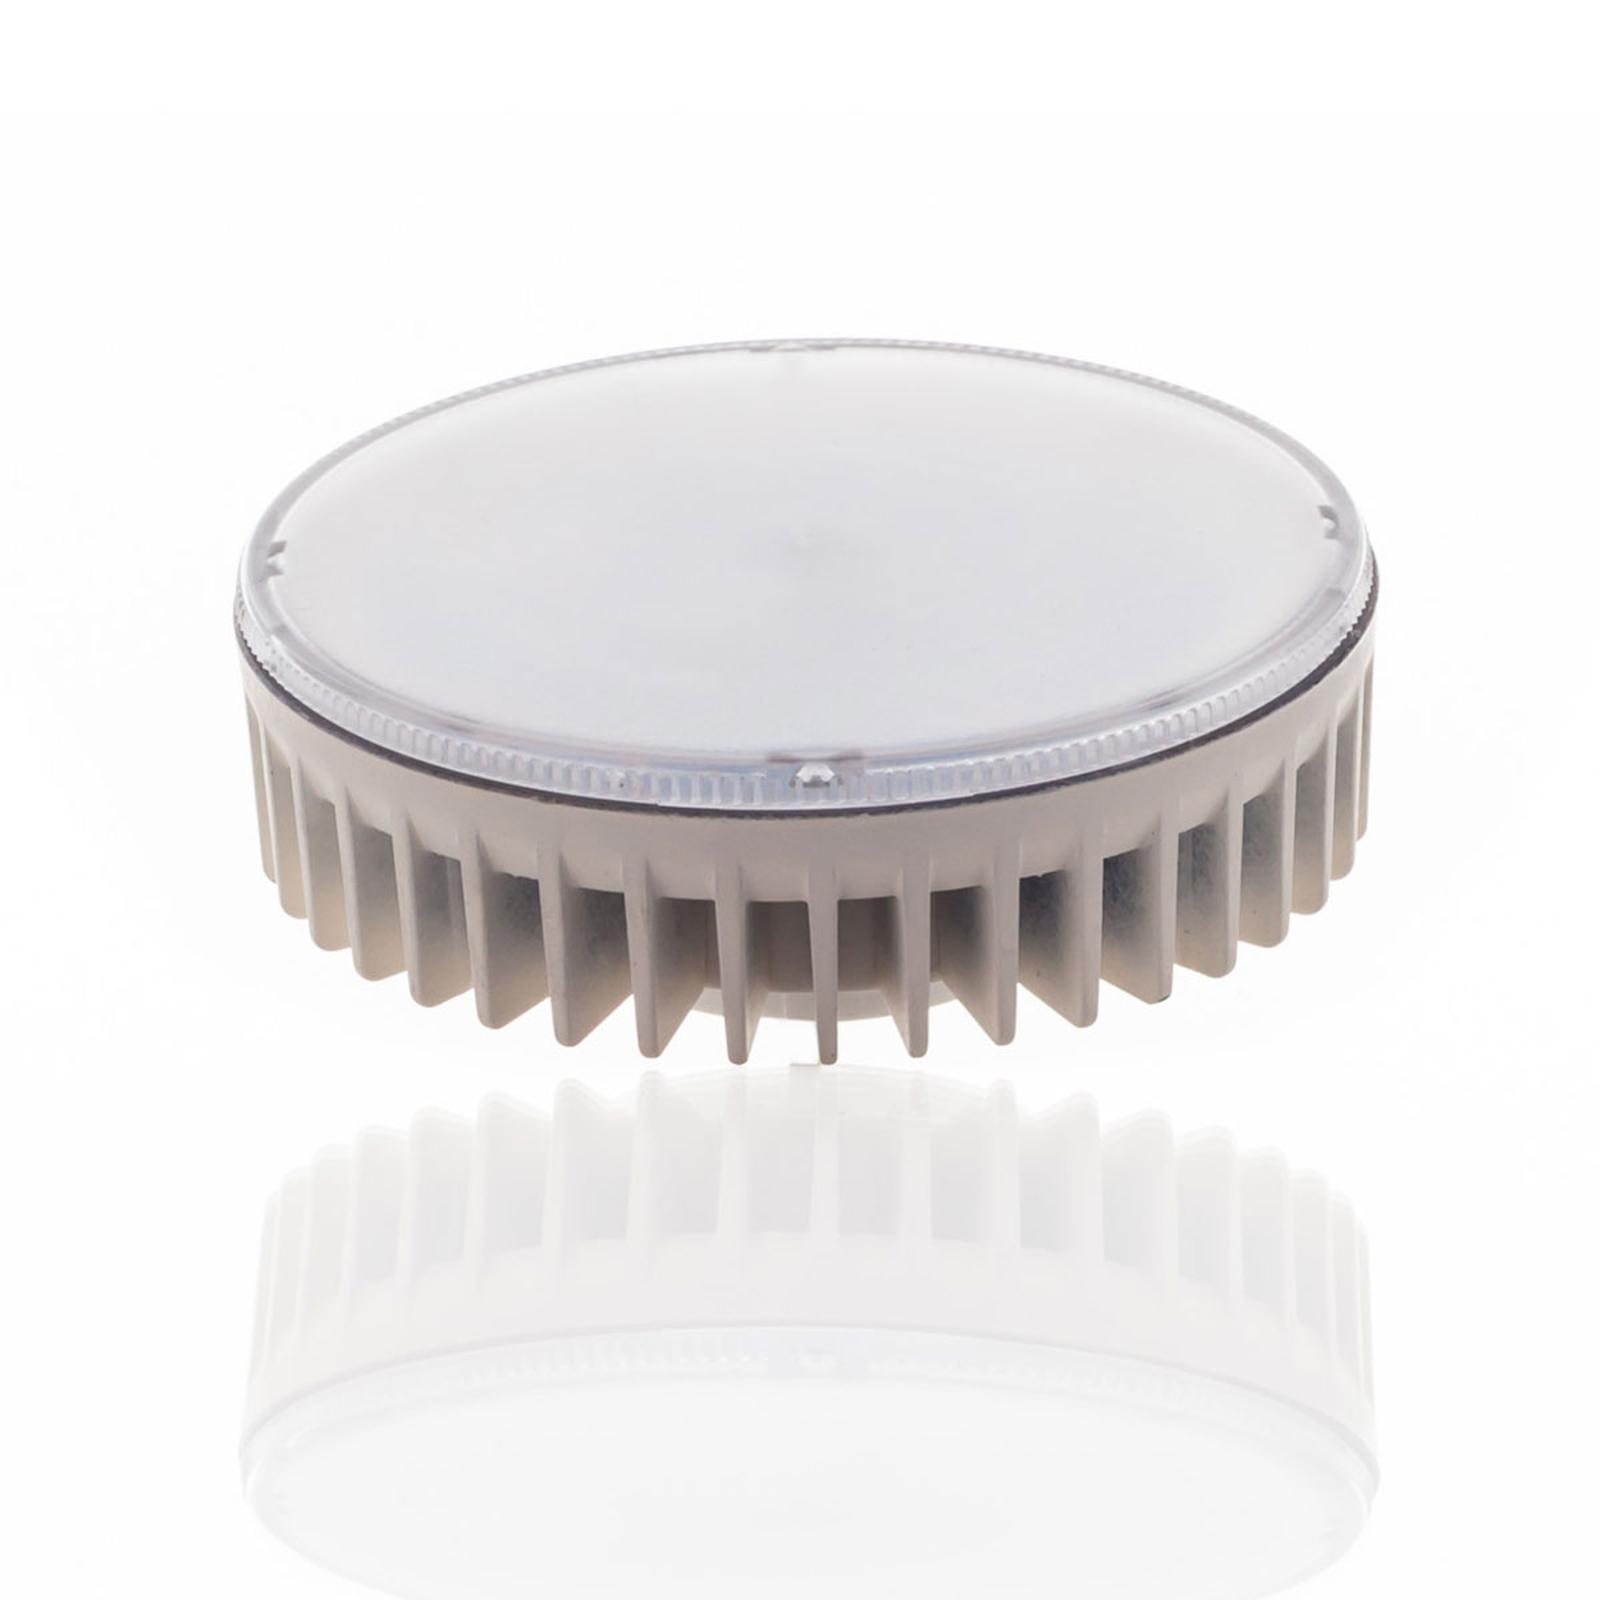 GX53 10W LED-Lampe mit 1.200lm - warmweiß